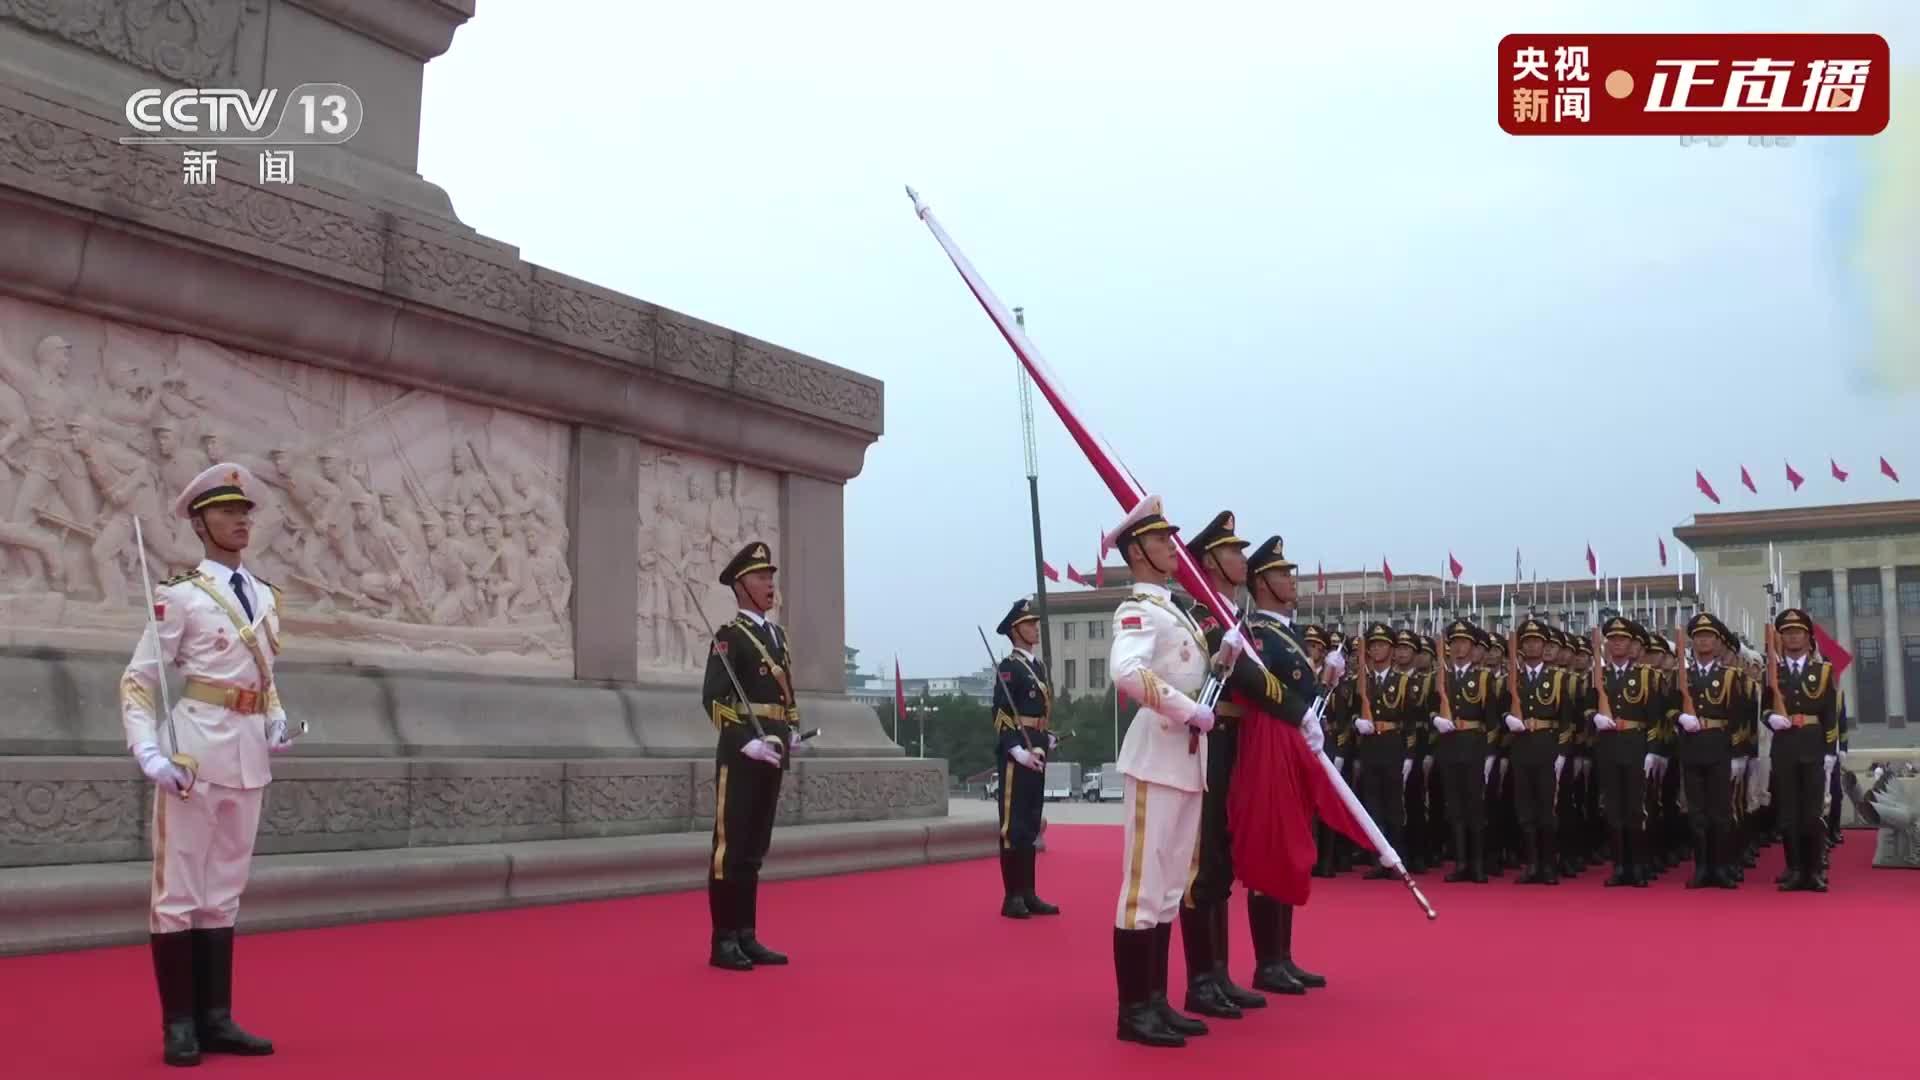 天安门广场鸣放100响礼炮,这一刻,一起聆听!